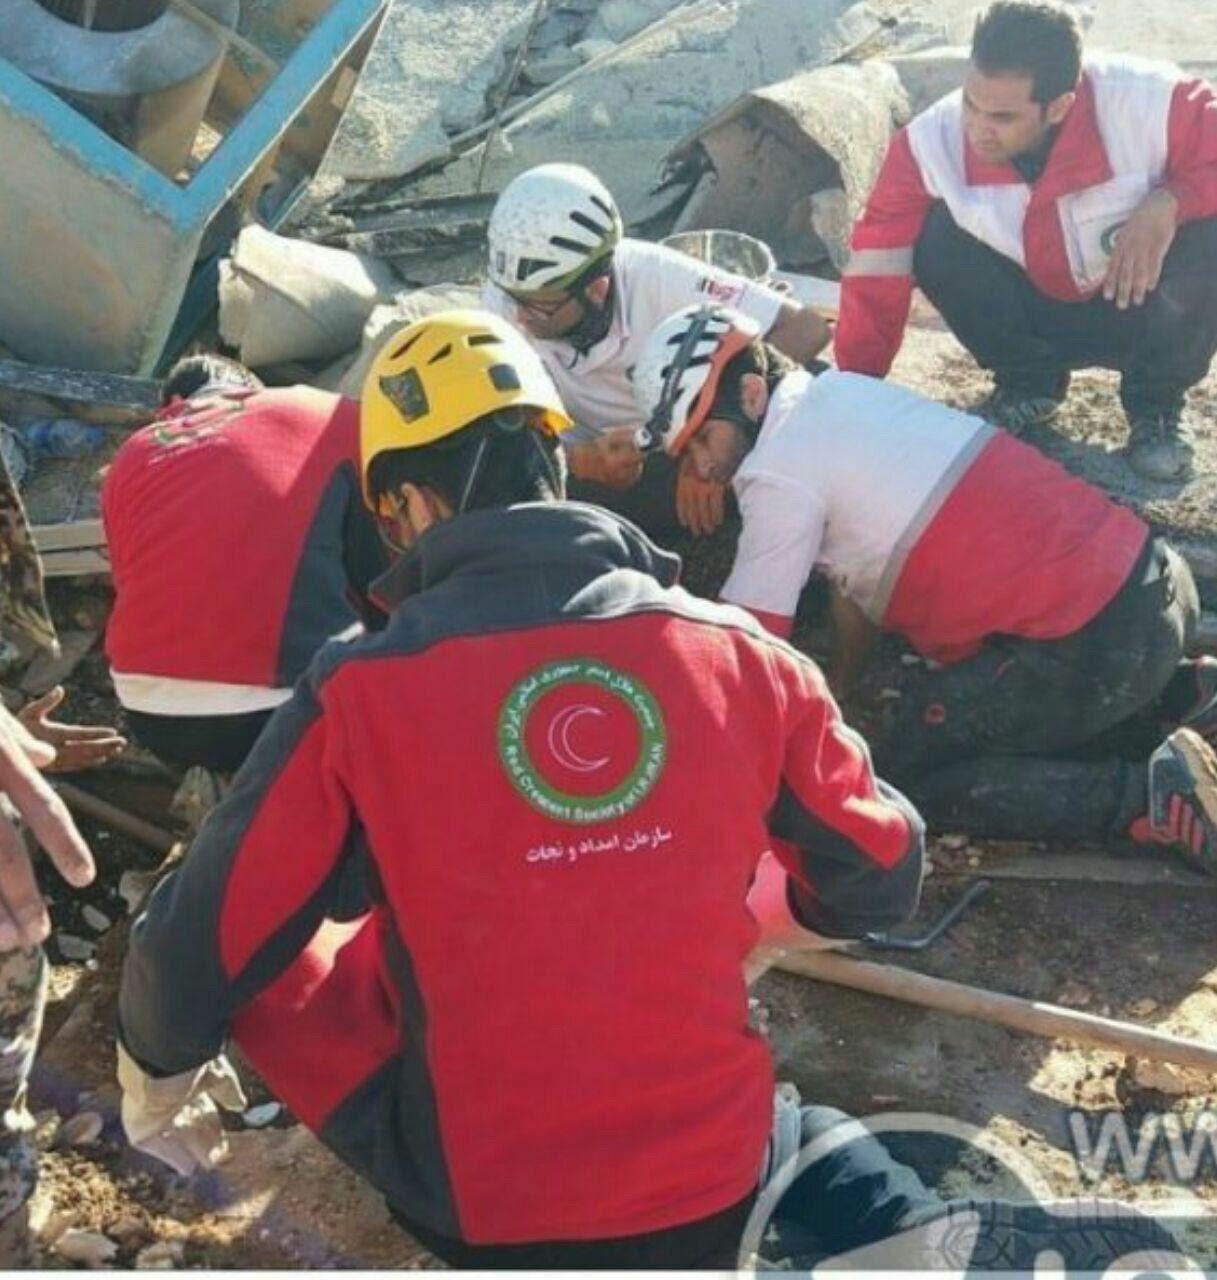 پیدا شدن نوزاد زنده از زیر آوار زلزله دیشب در سرپل ذهاب (عکس)